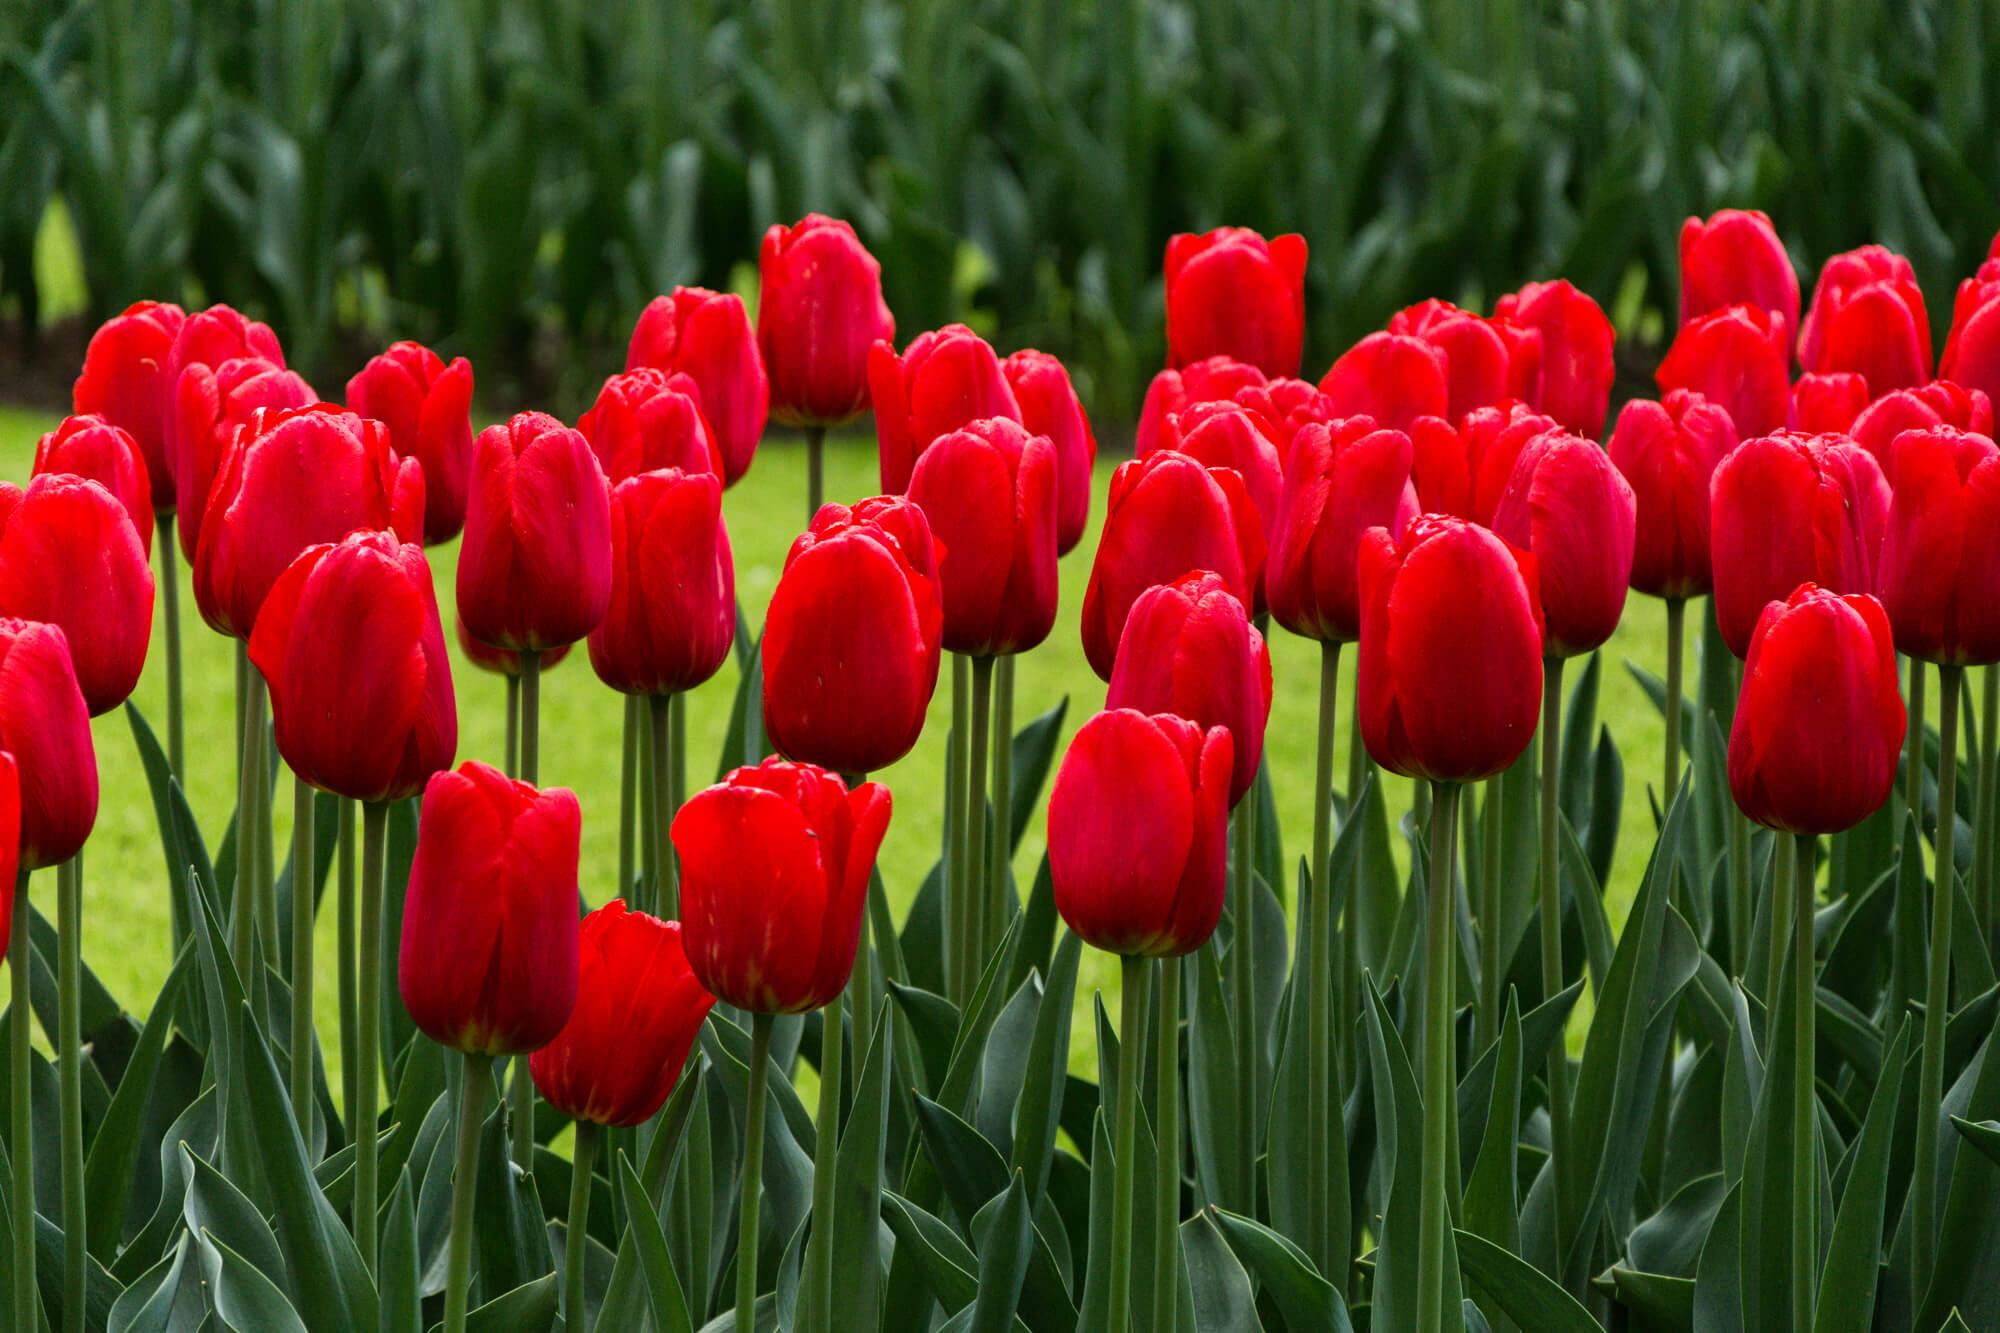 tulipes rouges moulins sabots gouda asperges hollande